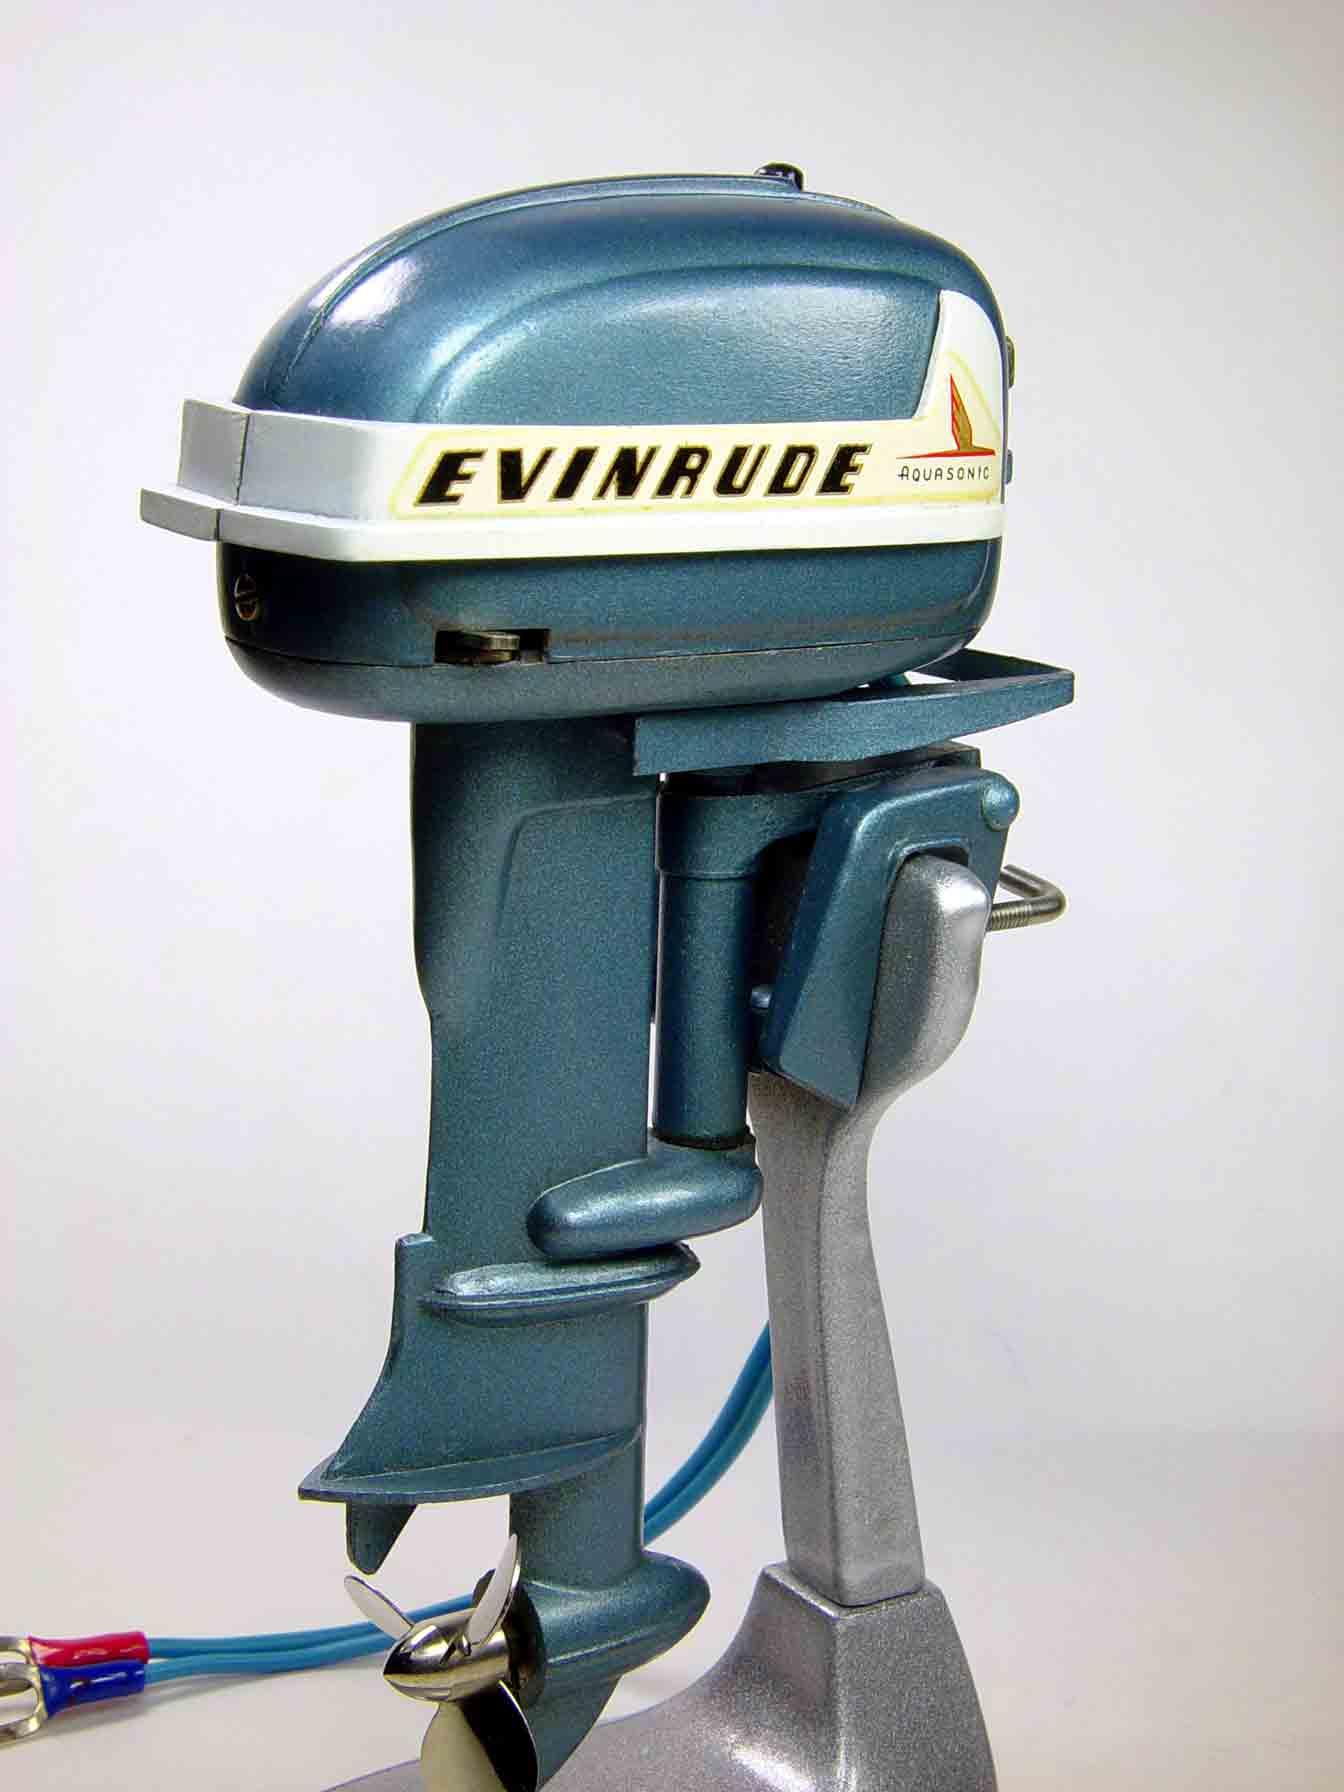 1957 Evinrude Lark 35 Hp Wiring Diagram 1968 Evinrude 18